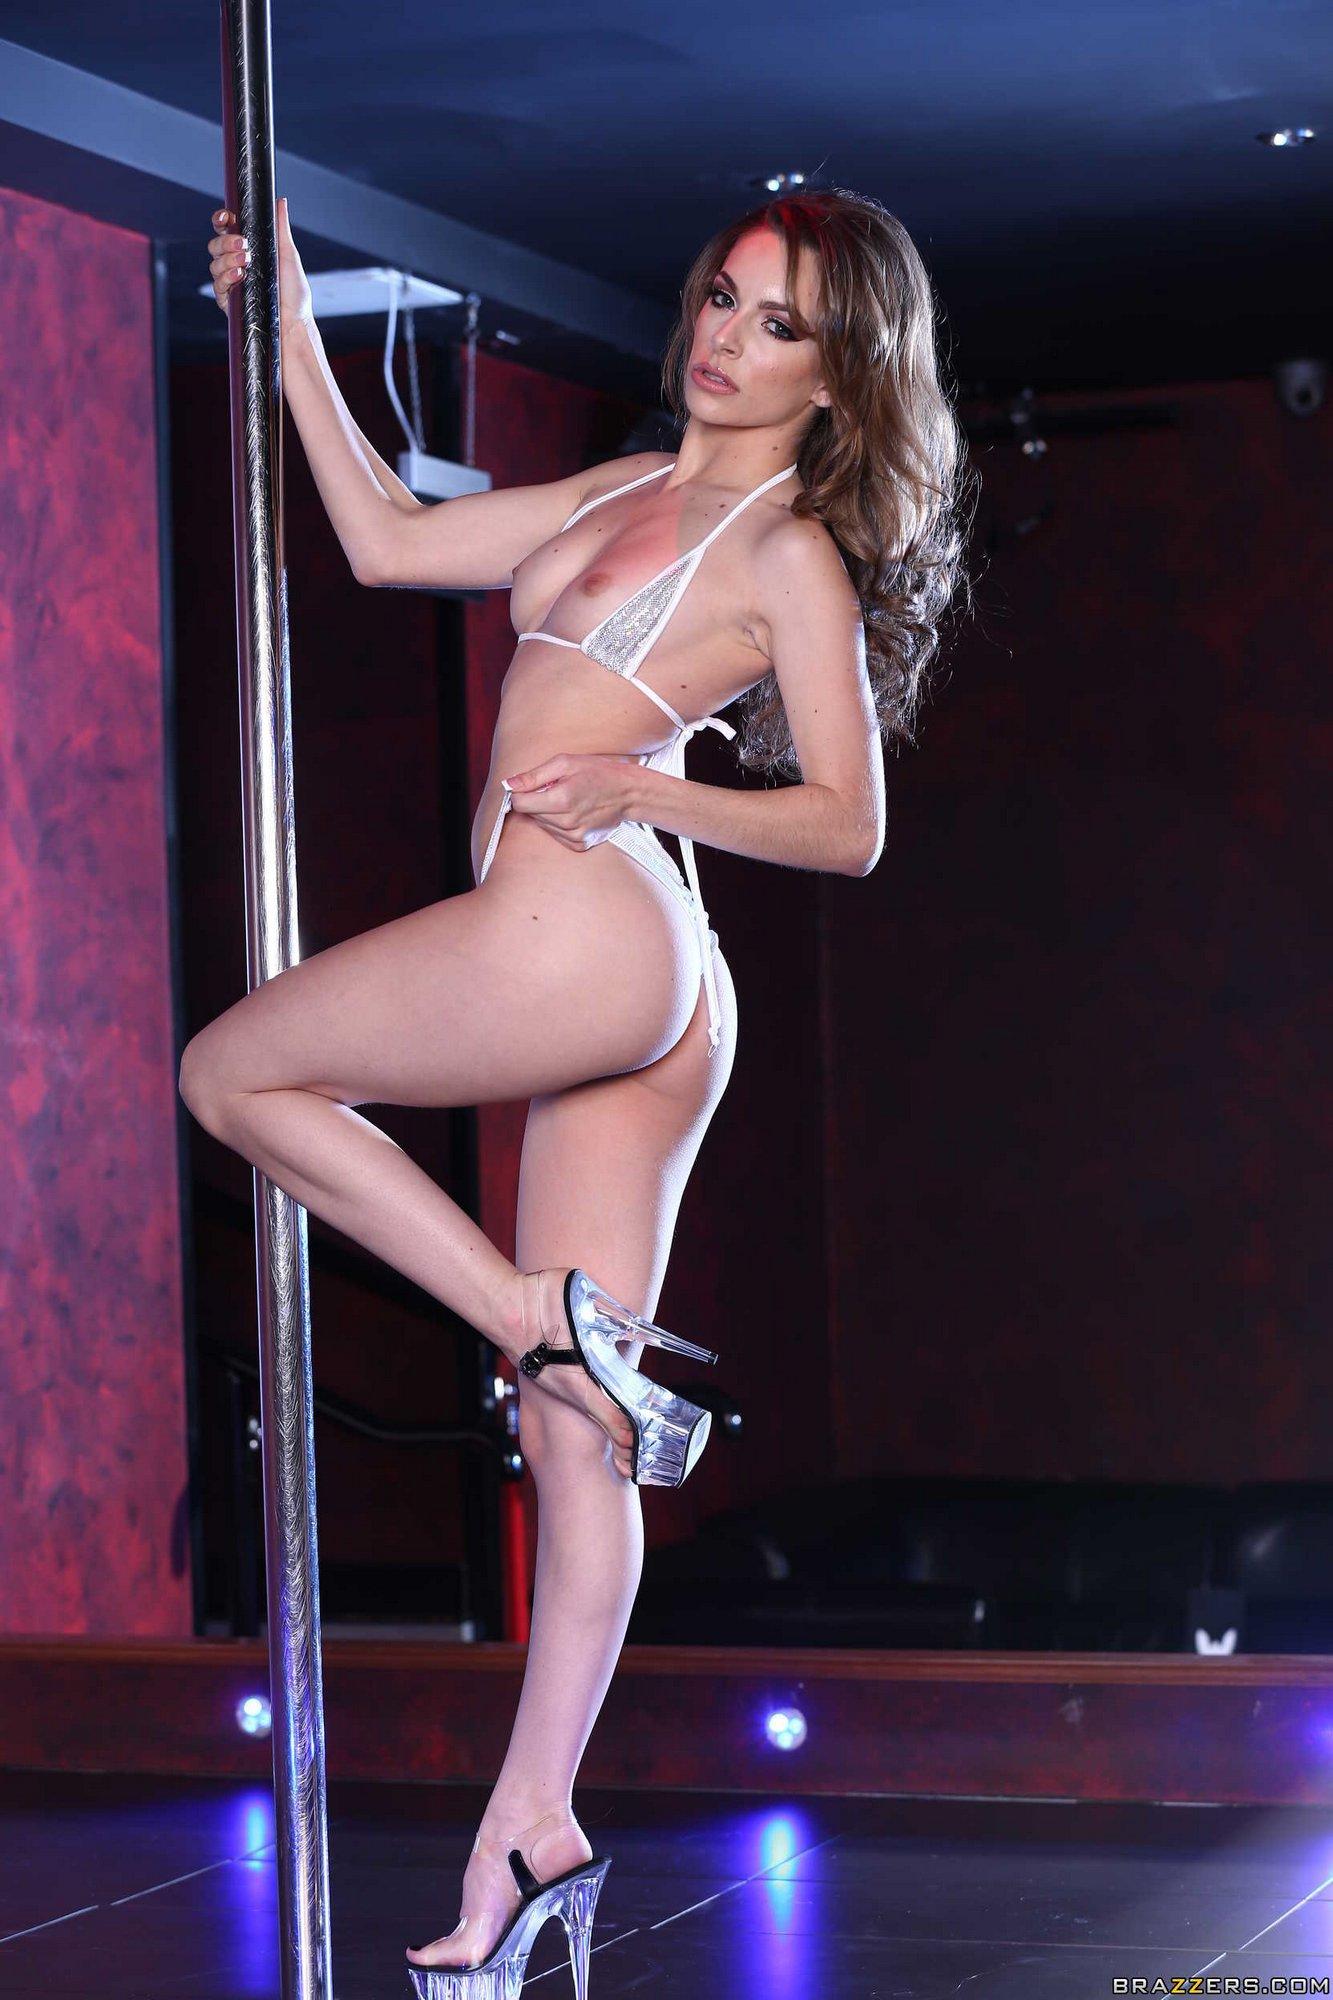 Kimmy granger stripper